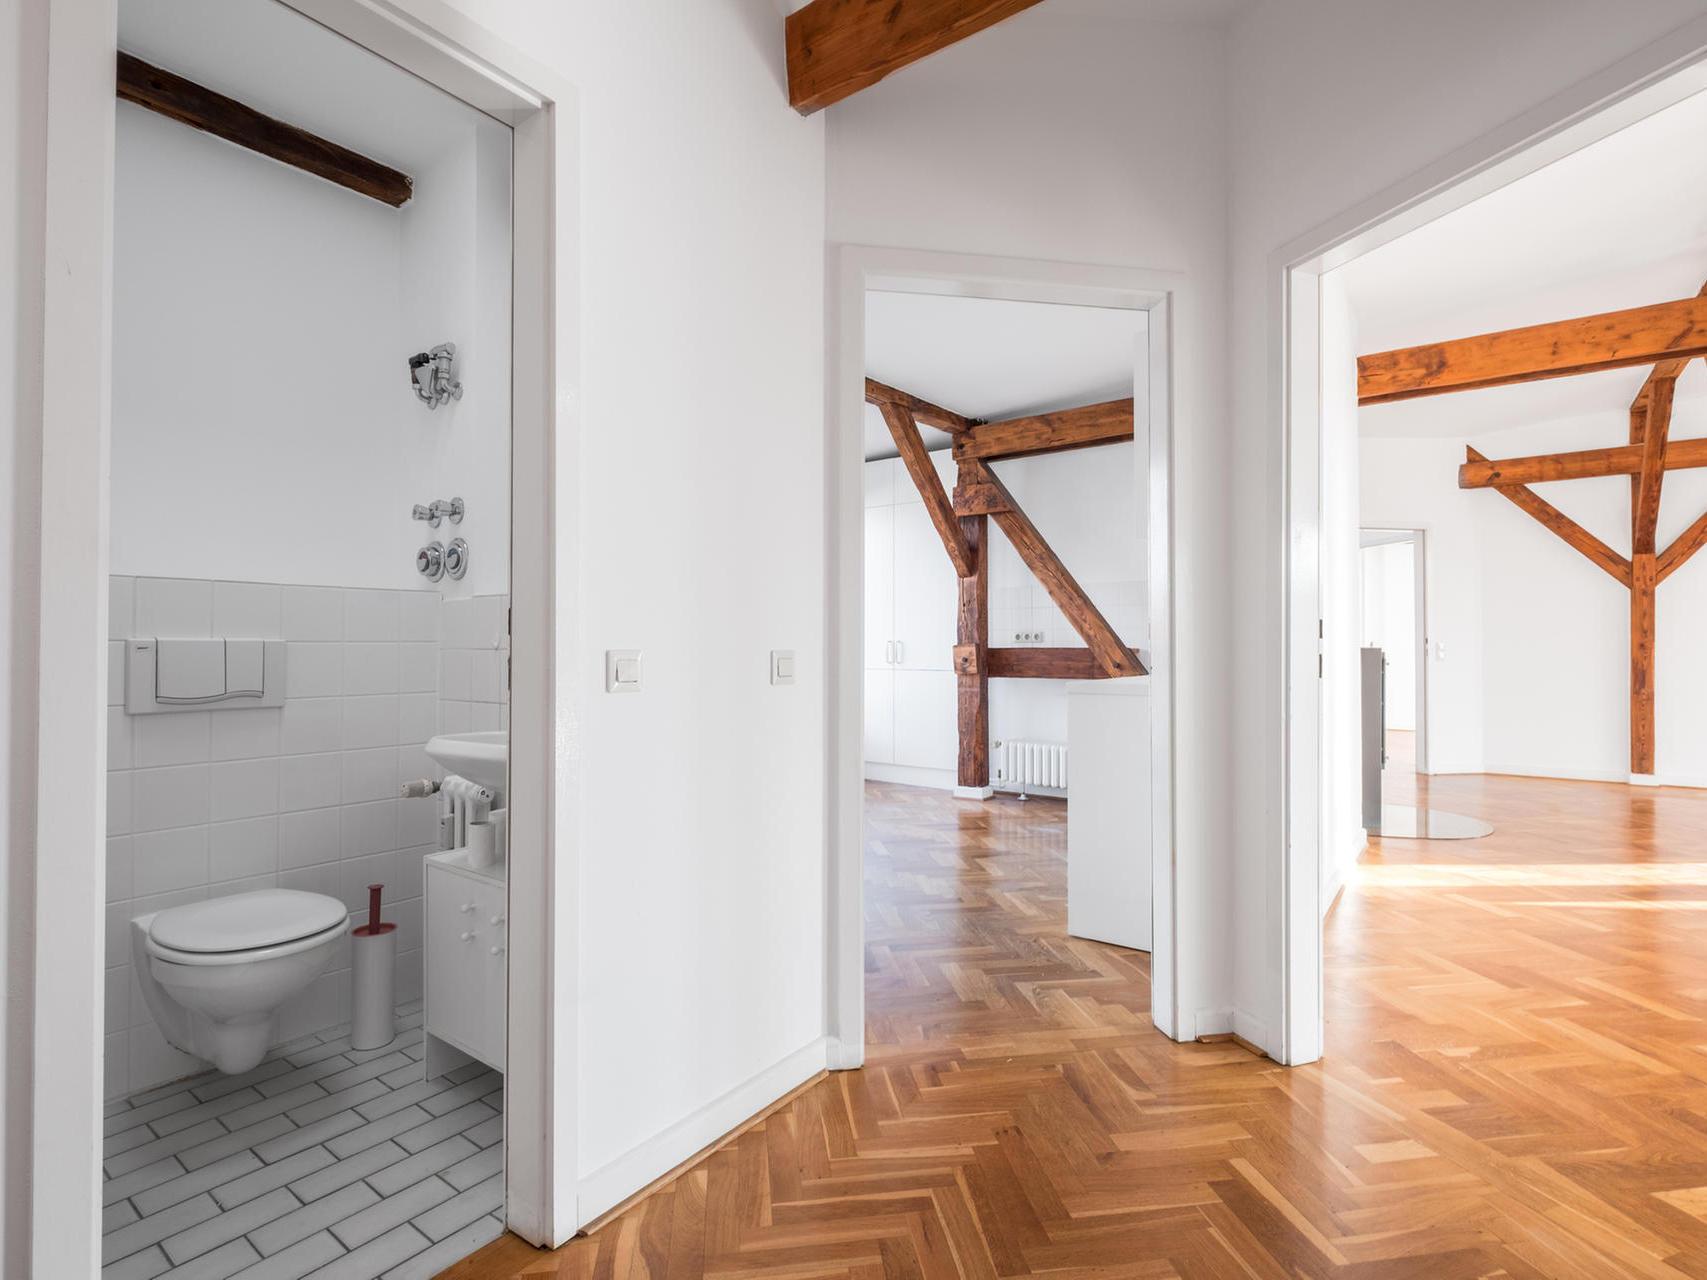 Full Size of Dachgeschosswohnung Einrichten Schlafzimmer Pinterest Beispiele Ideen Kleine Bilder Ikea Tipps Wohnzimmer So Knnen Sie Den Grundriss Ihrer Wohnung Verndern Wohnzimmer Dachgeschosswohnung Einrichten